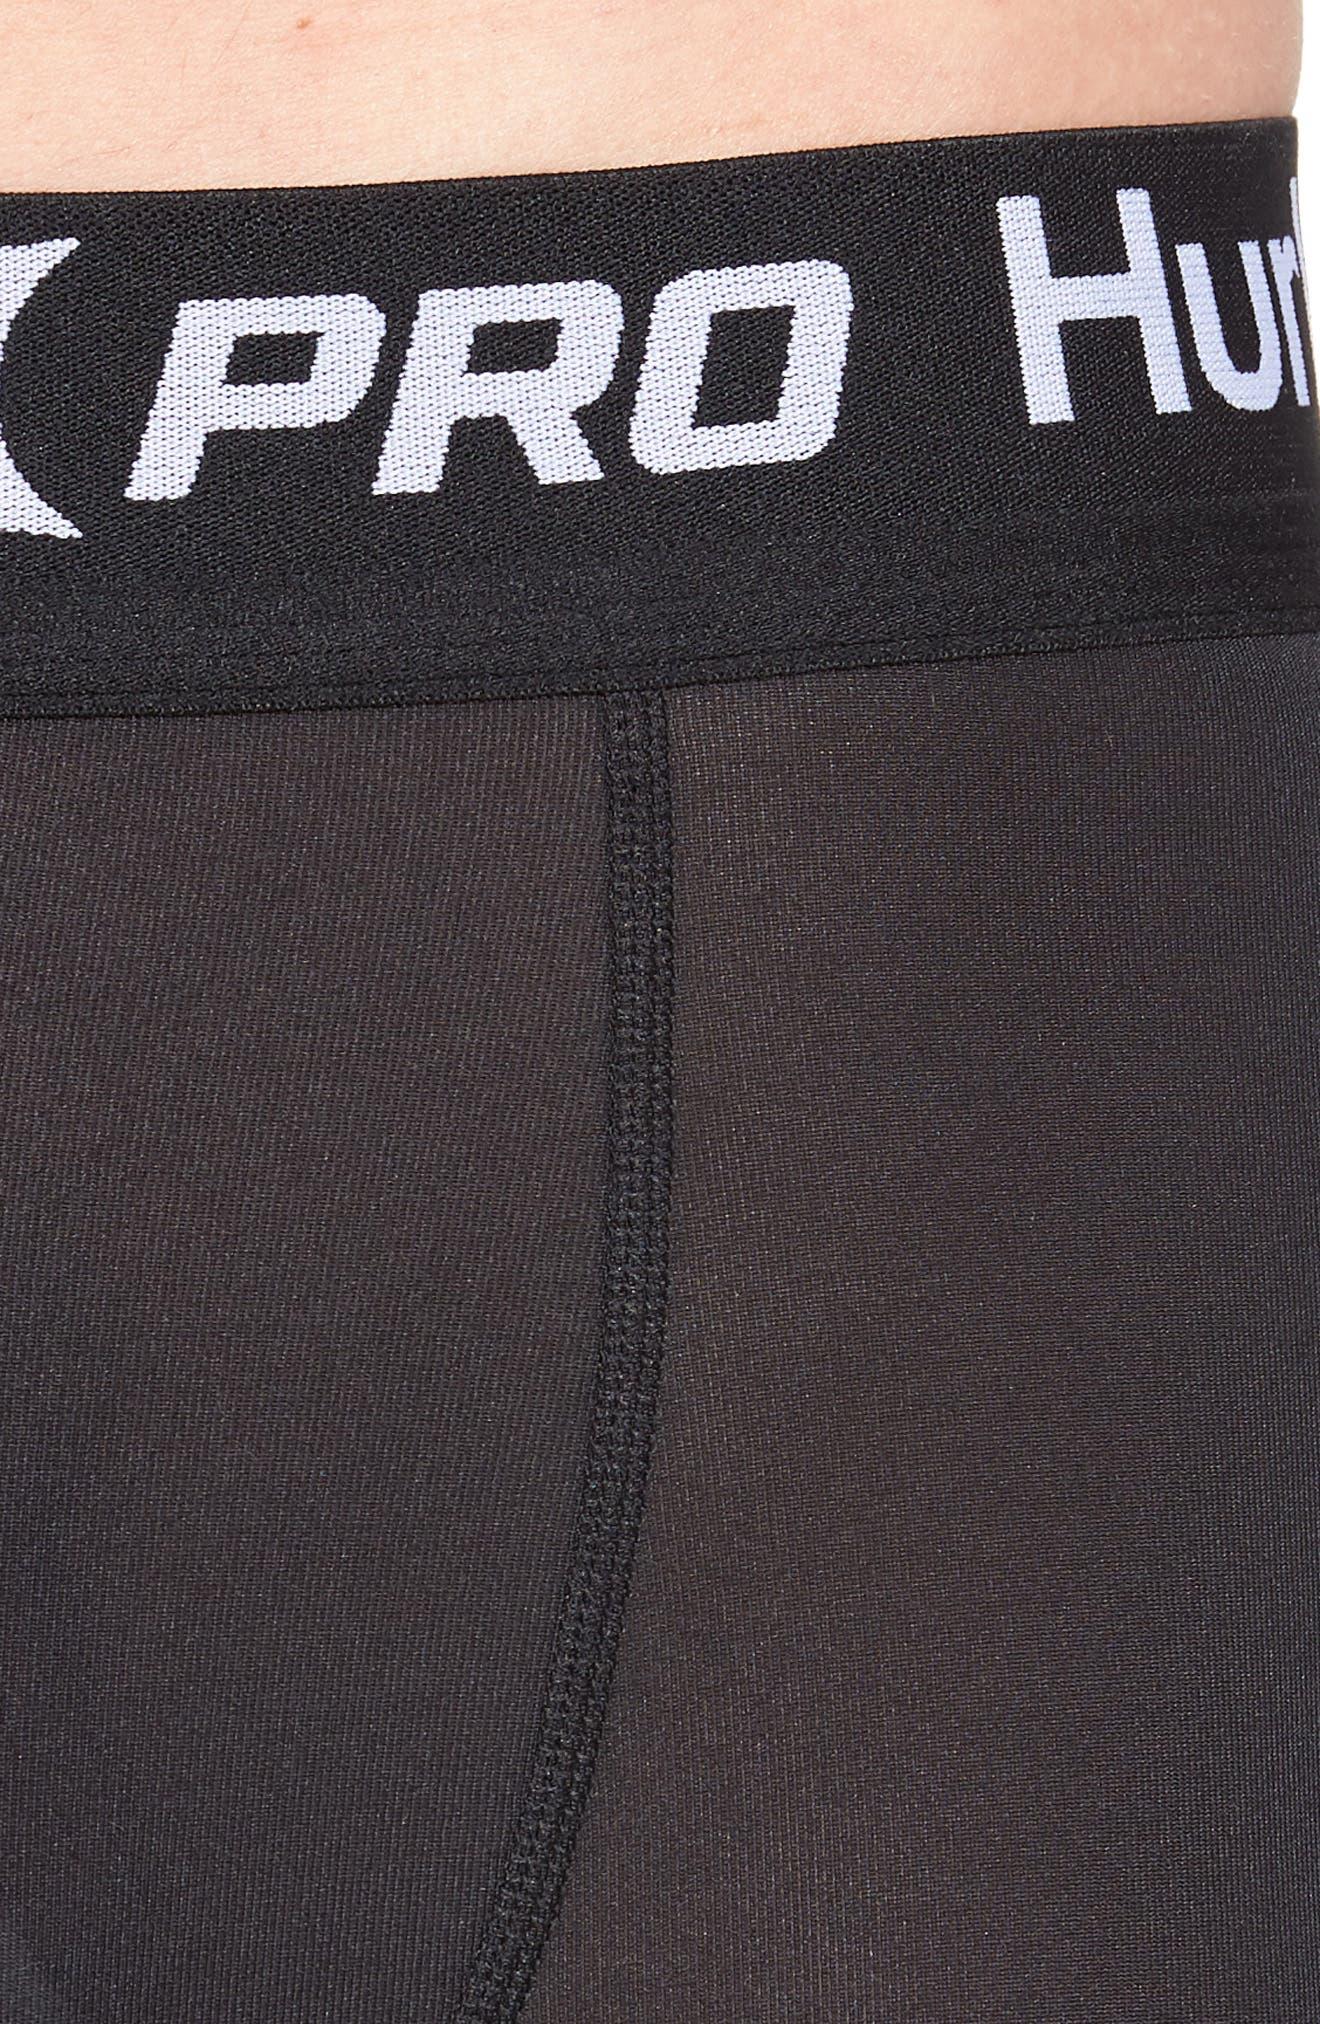 Pro Light Shorts,                             Alternate thumbnail 4, color,                             010